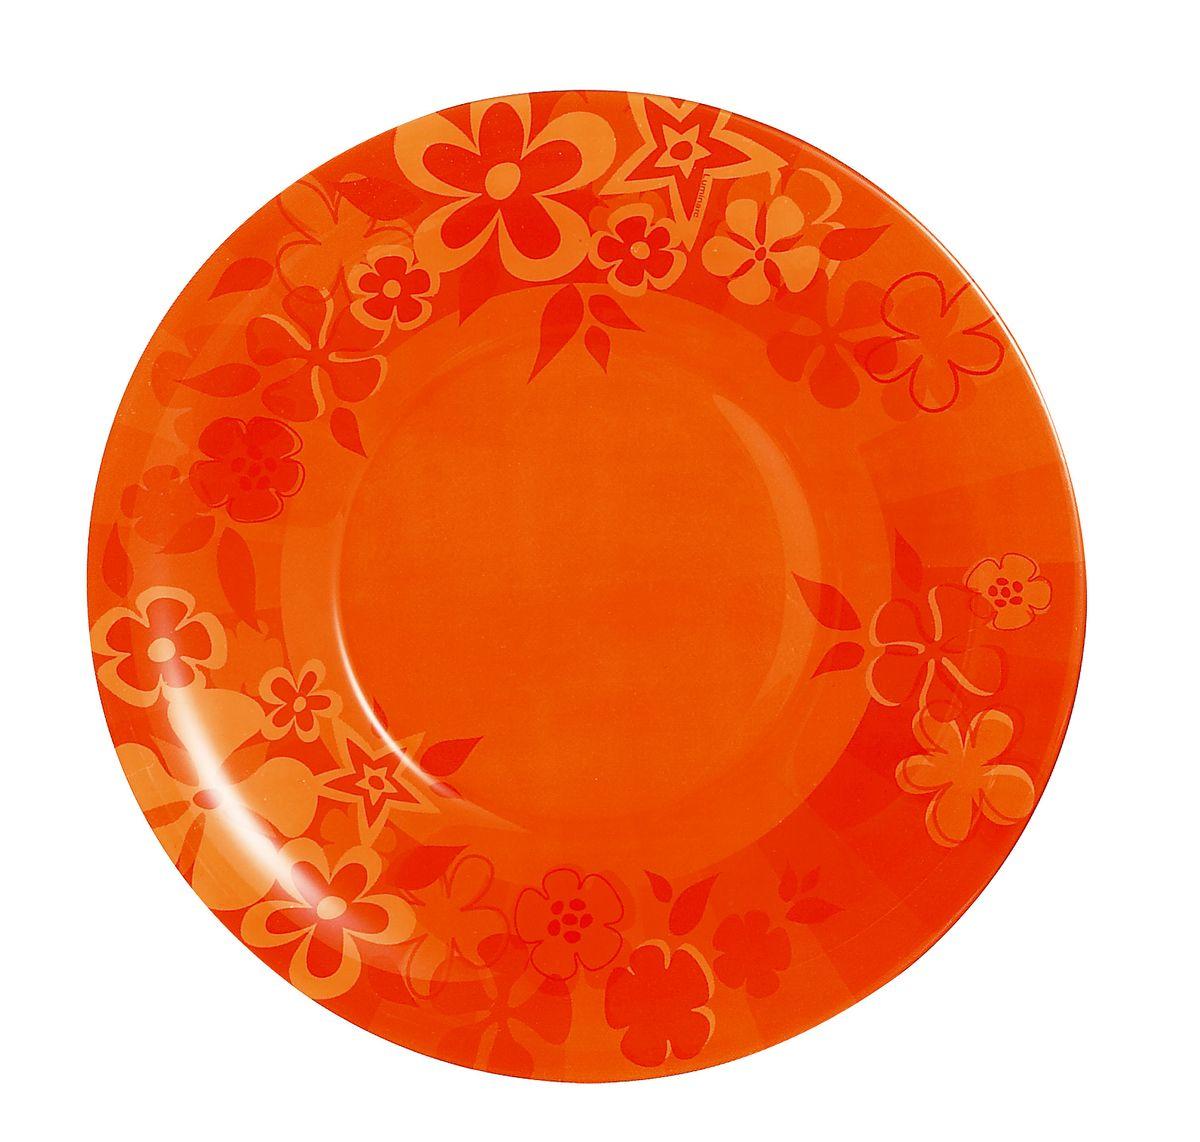 Тарелка десертная Luminarc Little Flowers, диаметр 19,5 смH5117Десертная тарелка Luminarc Little Flowers, изготовленная из ударопрочного стекла, декорирована оригинальным цветочным изображением. Такая тарелка прекрасно подходит как для торжественных случаев, так и для повседневного использования. Идеальна для подачи десертов, пирожных, тортов и многого другого. Она прекрасно оформит стол и станет отличным дополнением к вашей коллекции кухонной посуды. Диаметр тарелки (по верхнему краю): 19,5 см. Высота тарелки: 1,5 см.